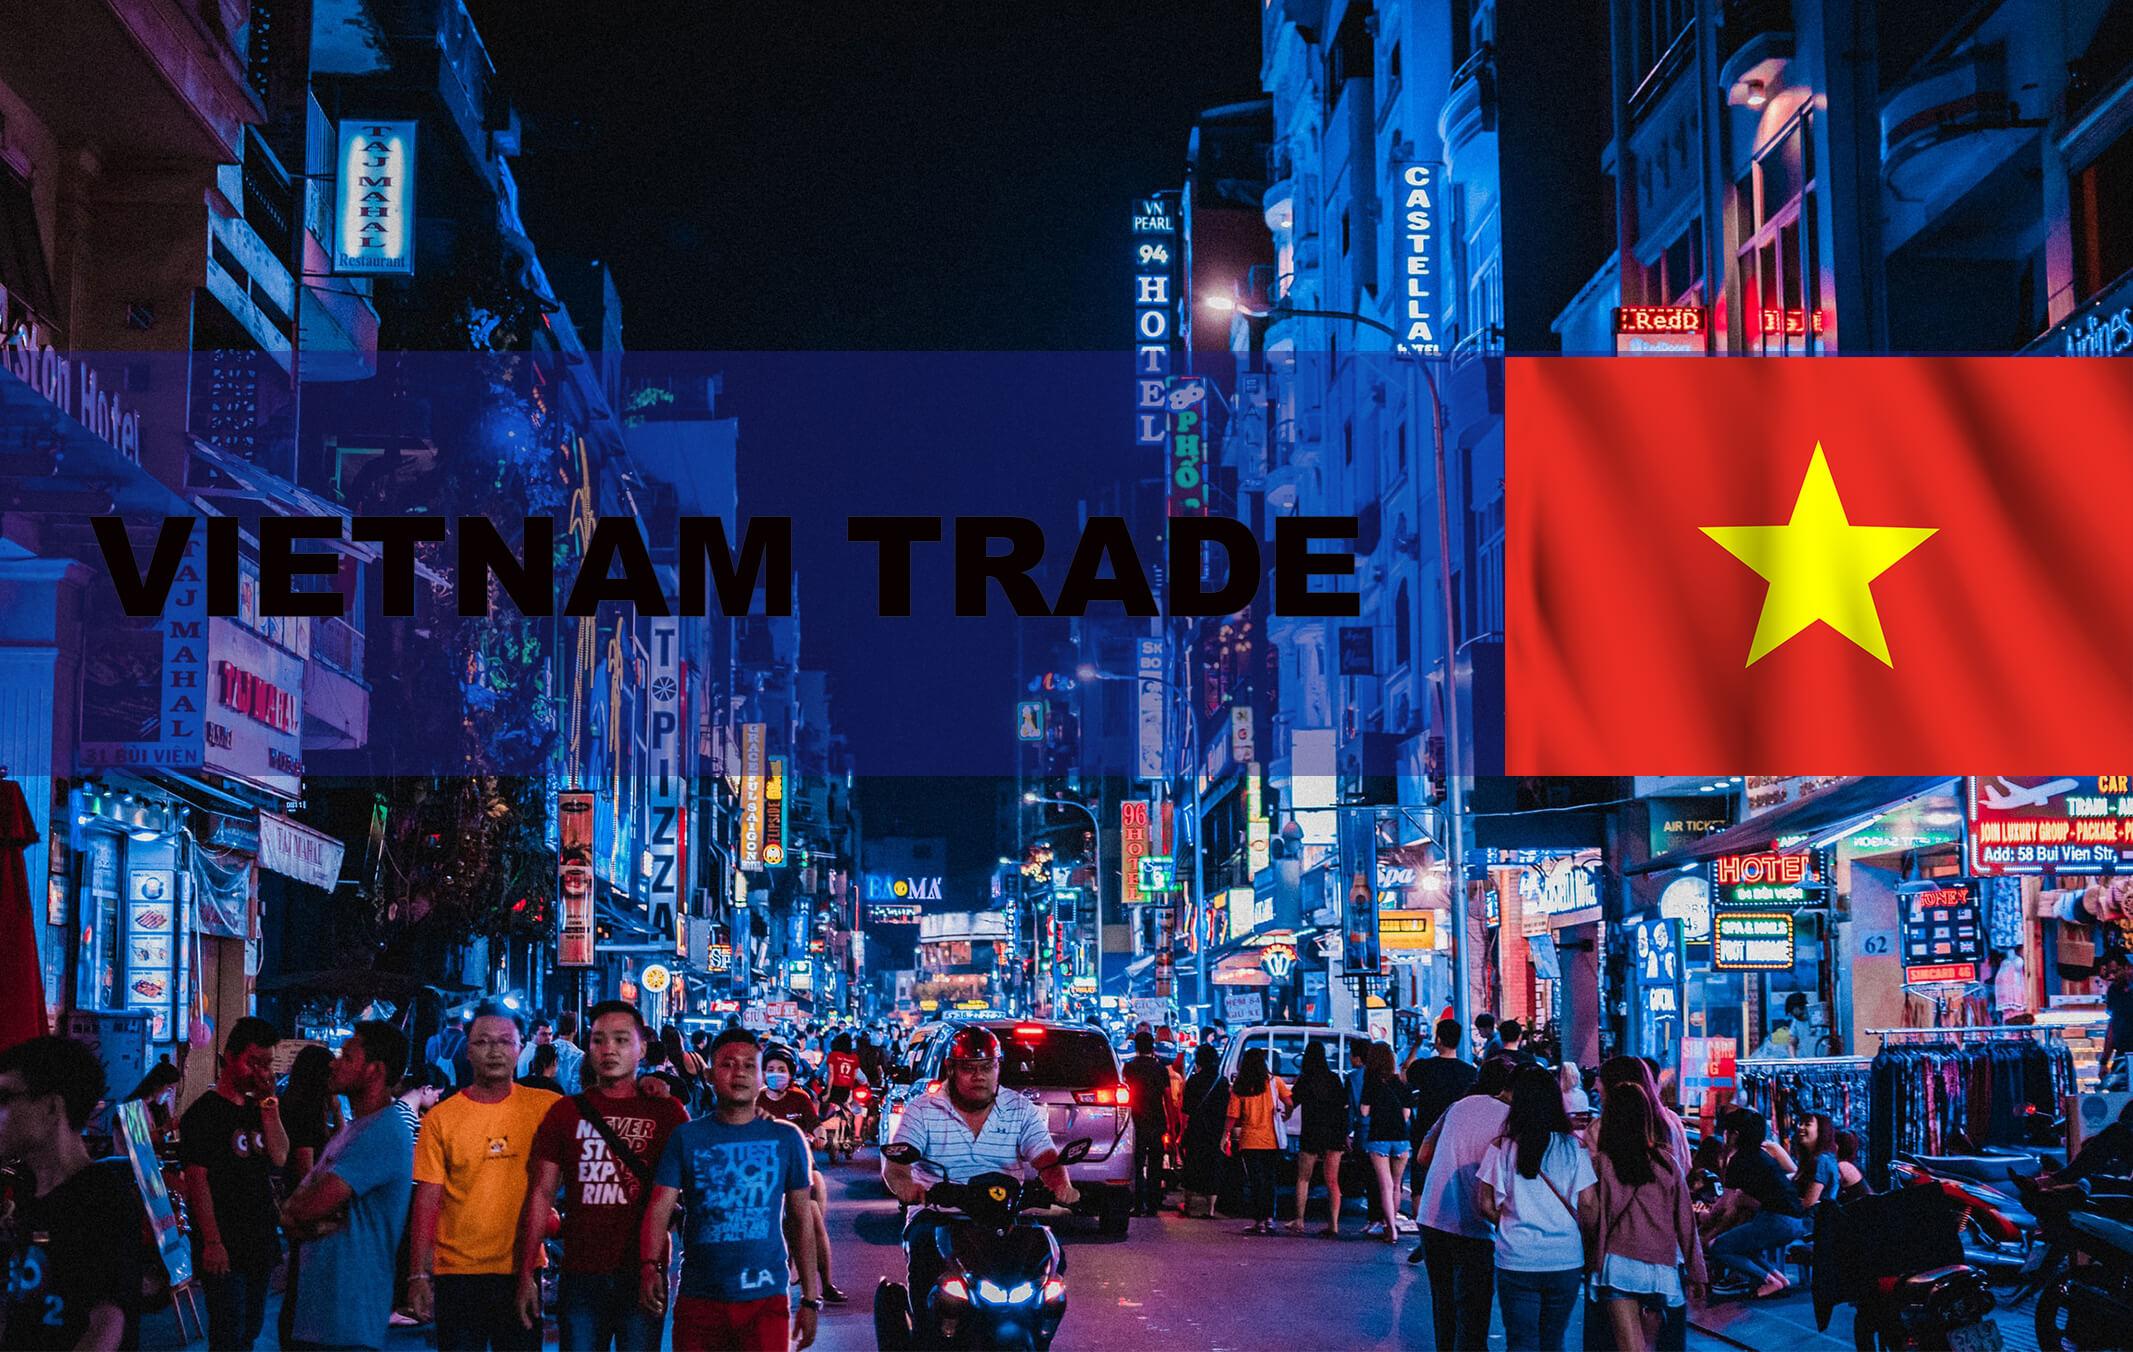 ベトナム貿易